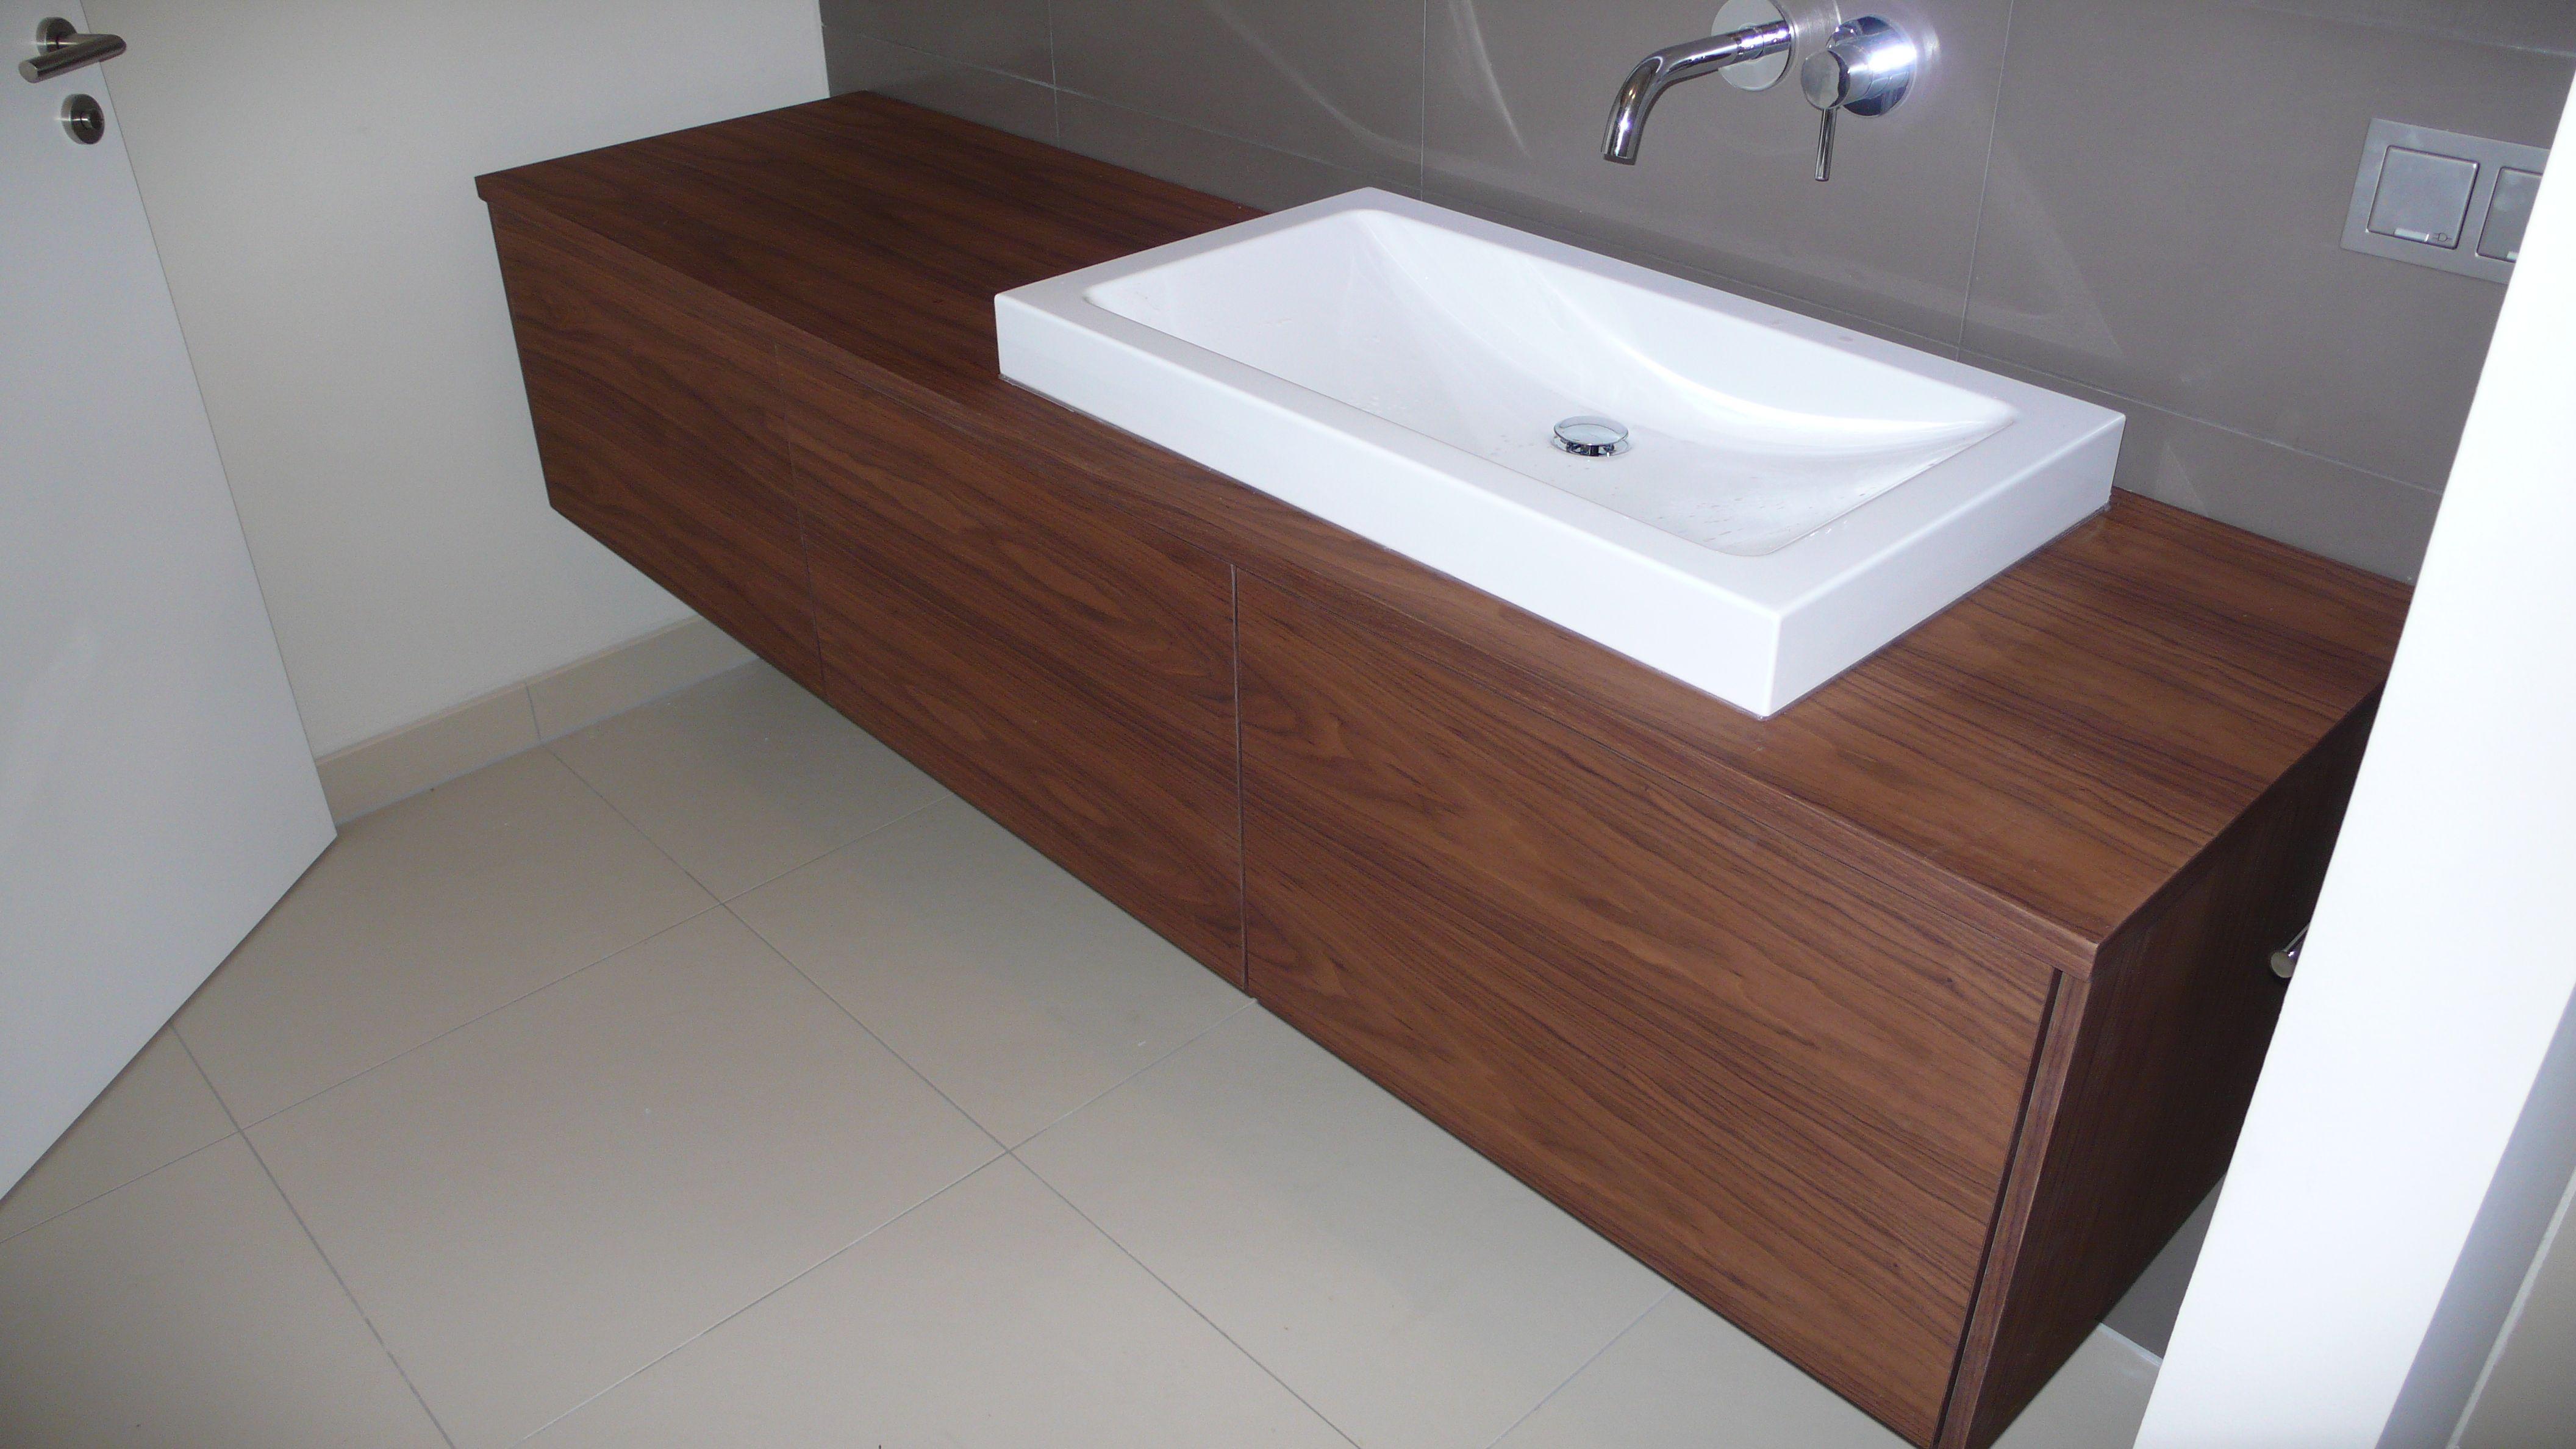 holz-waschtischplatte mit schickem waschbecken. mehr badezimmer